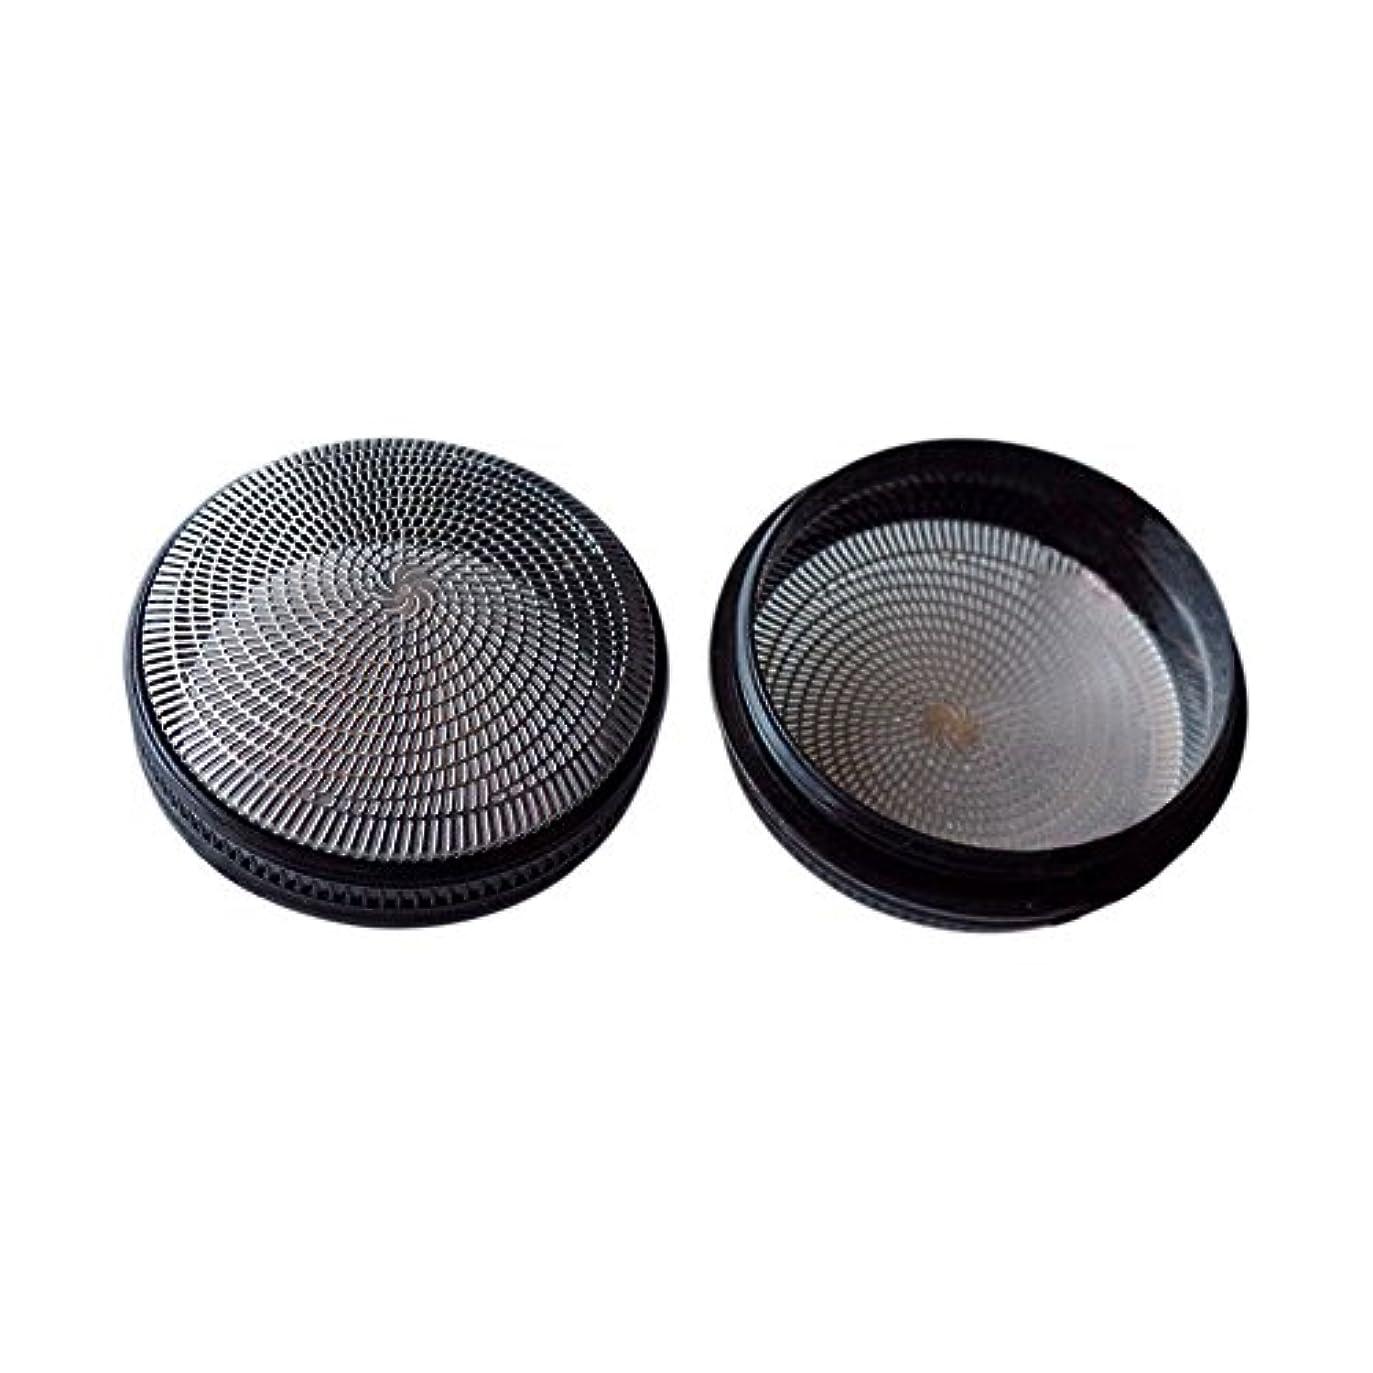 買う脚本咲くXinvision 回転式シェーバー替刃 シェーバーパーツ シェーバー パーツ 部品 外刃 替刃 耐用 for Panasonic ES6510 ES6500 ES534